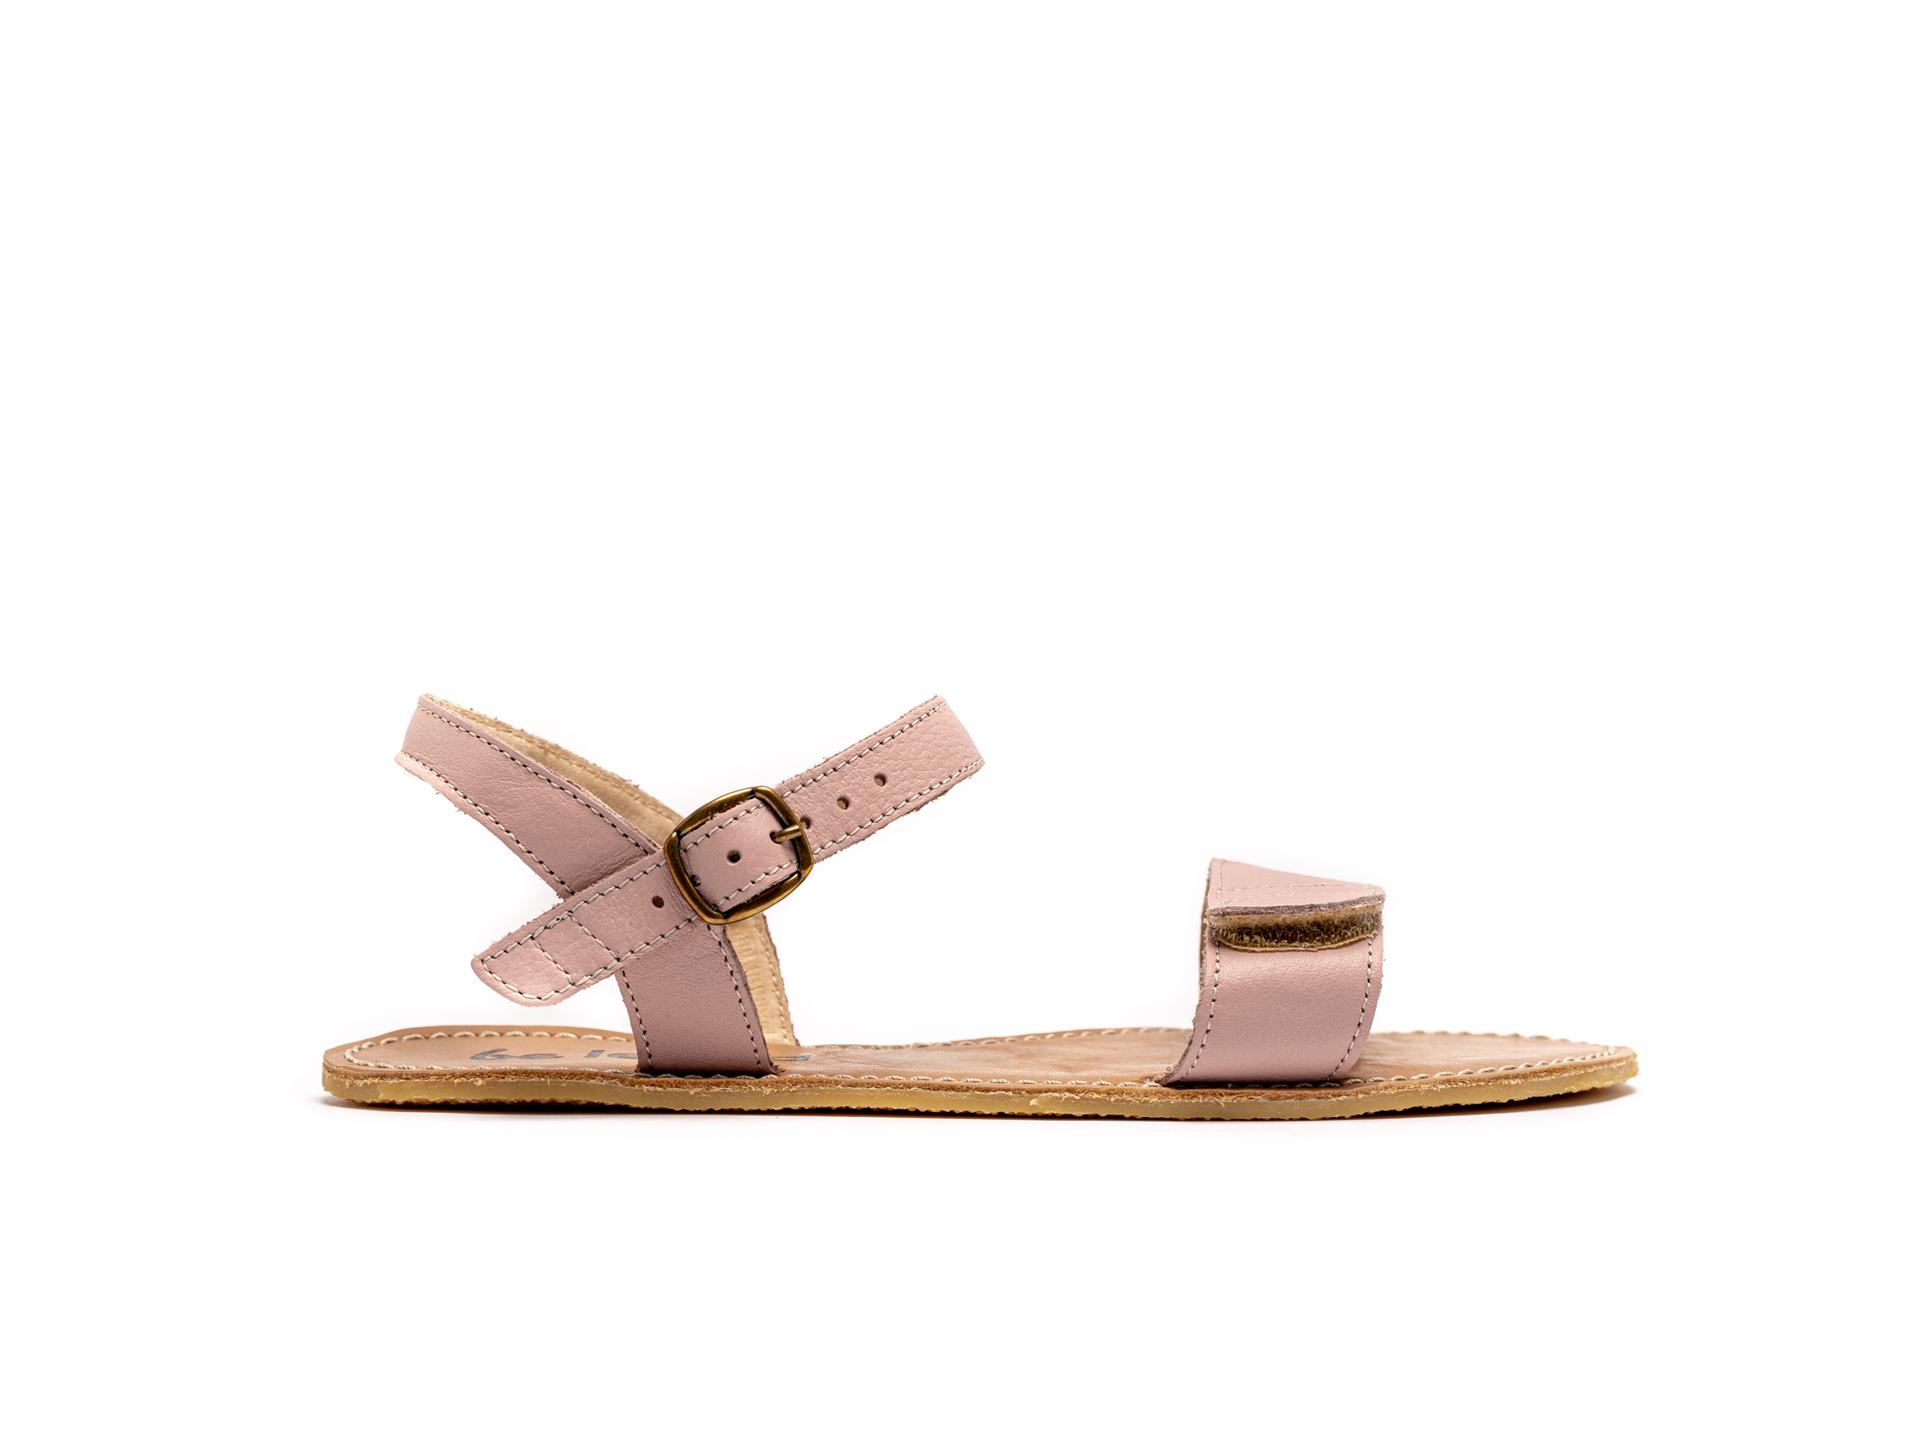 Barefoot Sandals - Be Lenka Grace - Rose 38